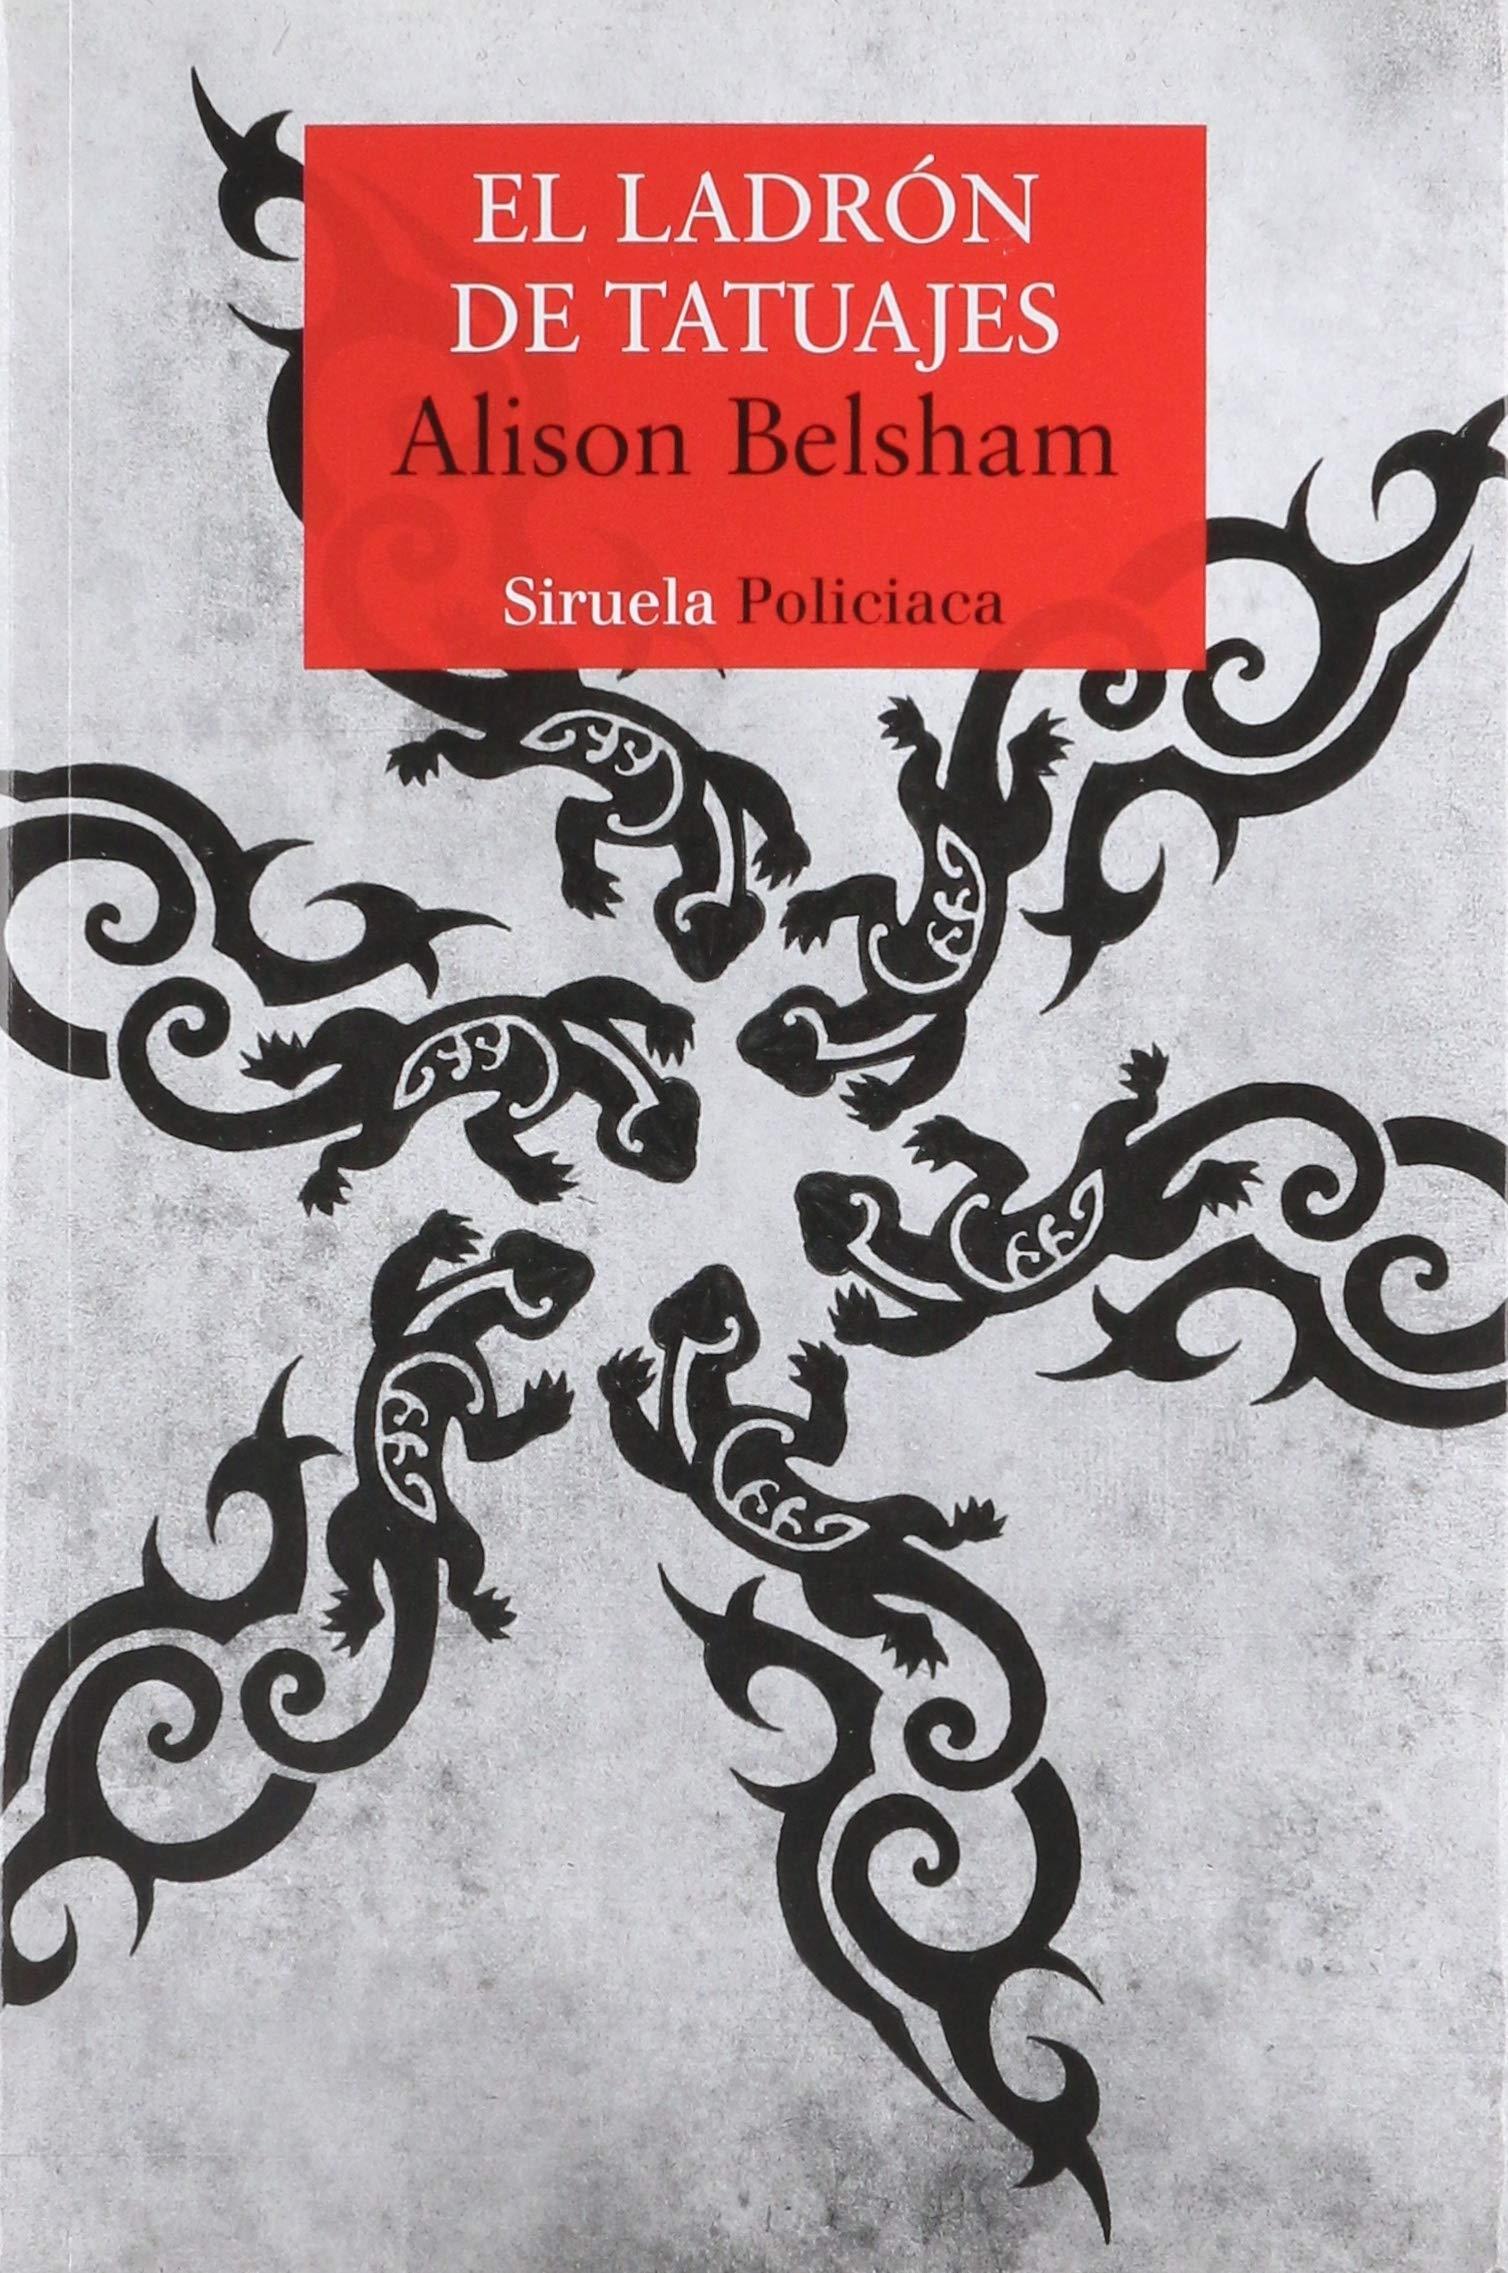 El ladrón de tatuajes: ALISON BELSHAM: 9788417454593: Amazon ...